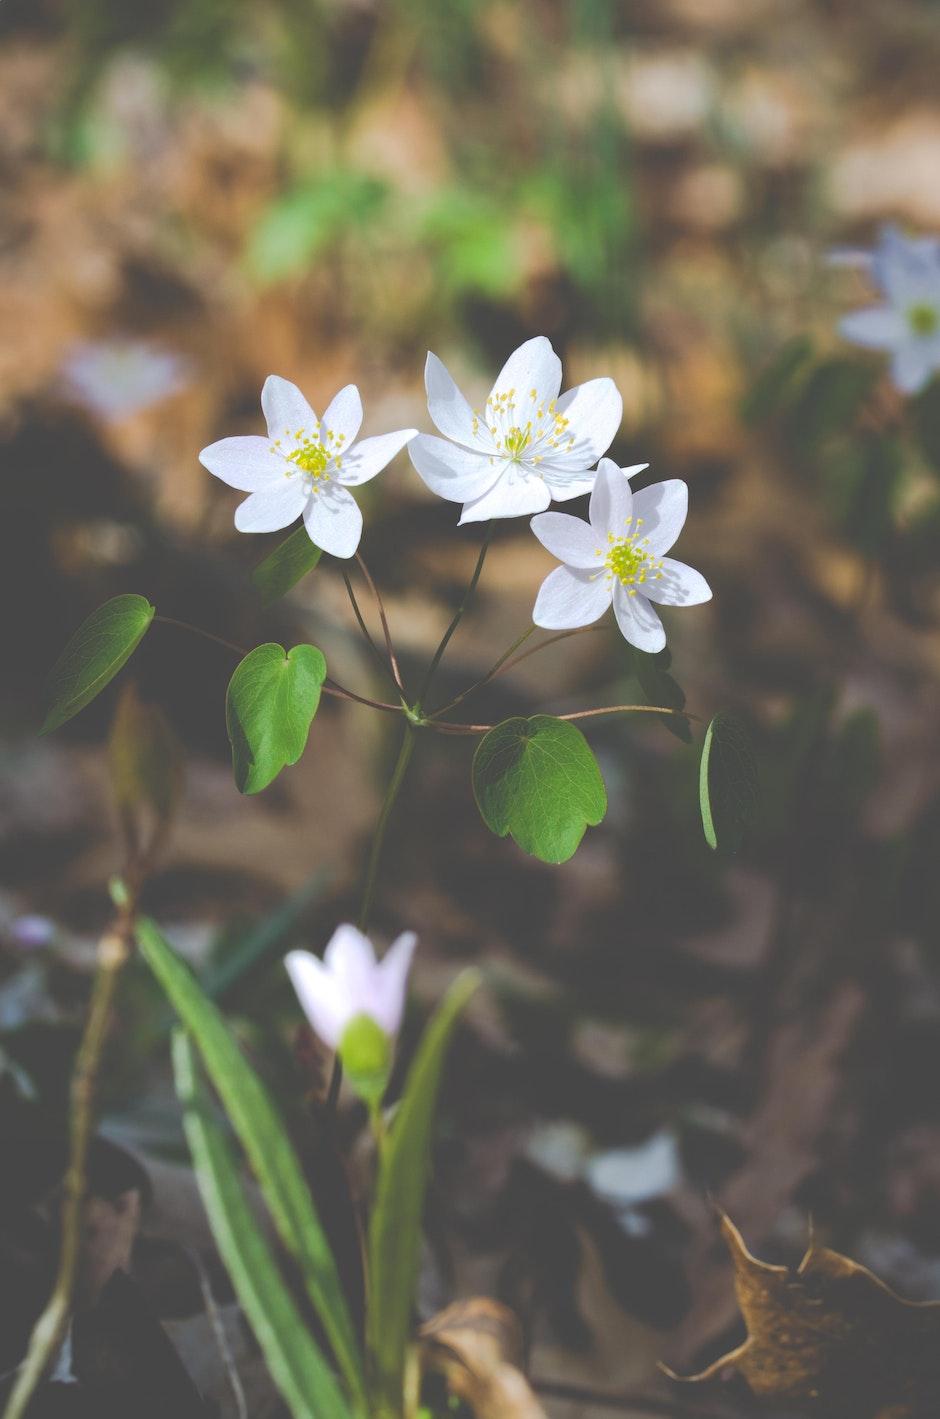 anemonella thalictroides, flower, garden